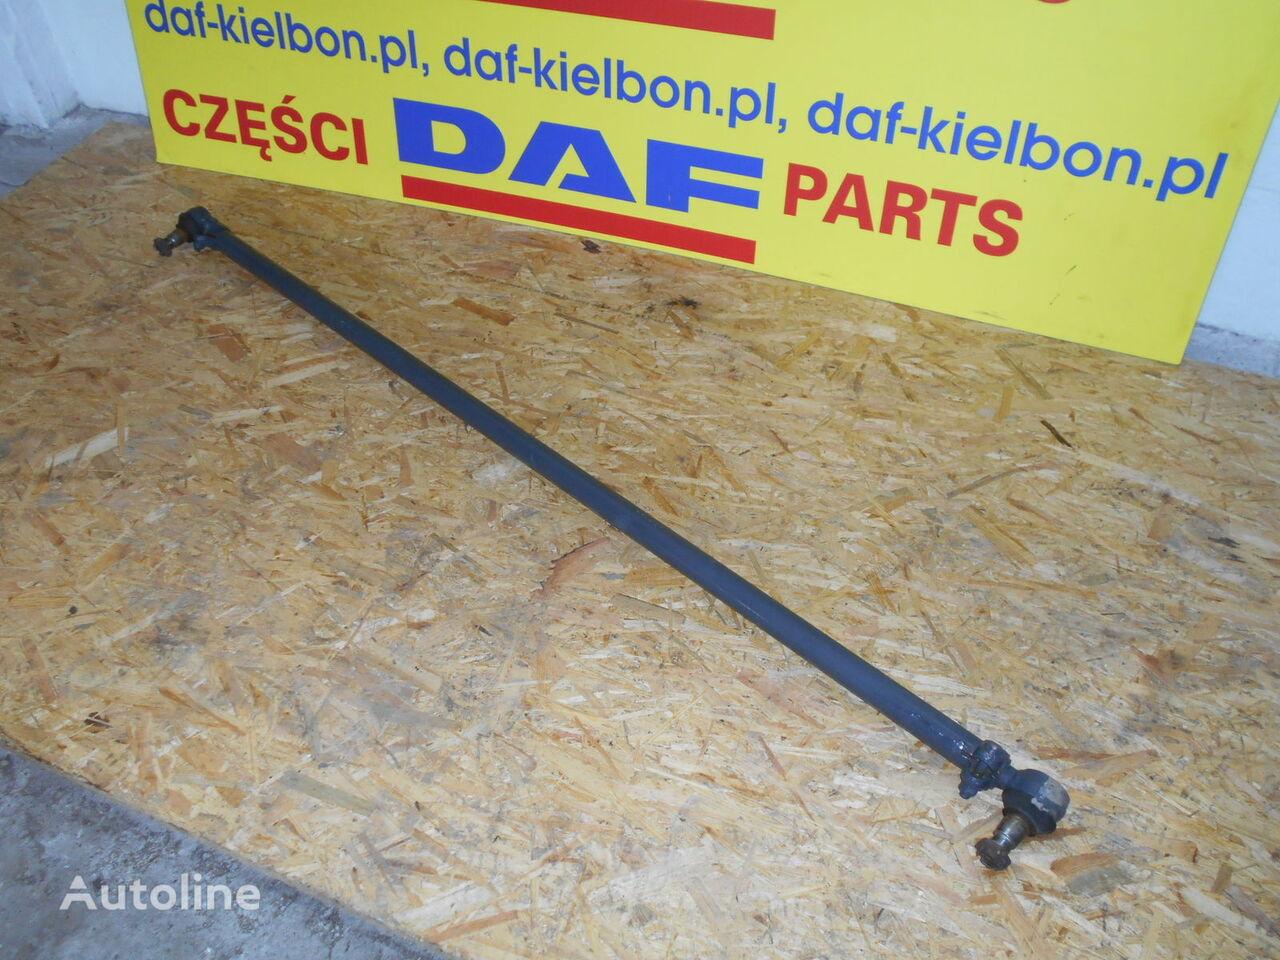 biellette de direction POPRZECZNY pour tracteur routier DAF XF 106